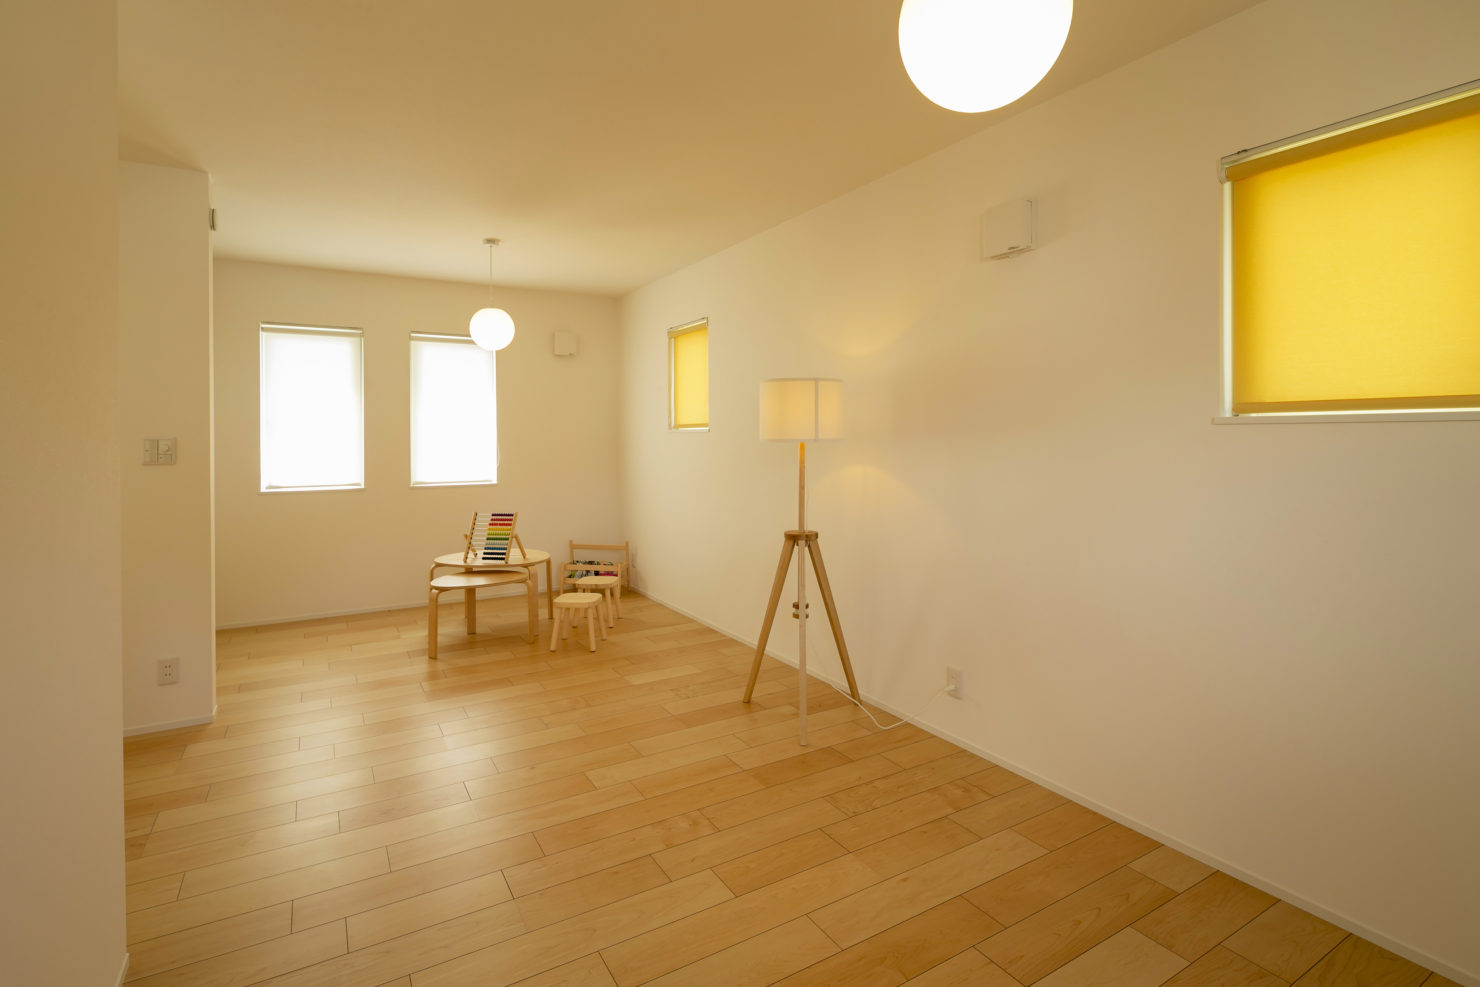 ハウスM21 北上市村崎野建売住宅 子供部屋写真